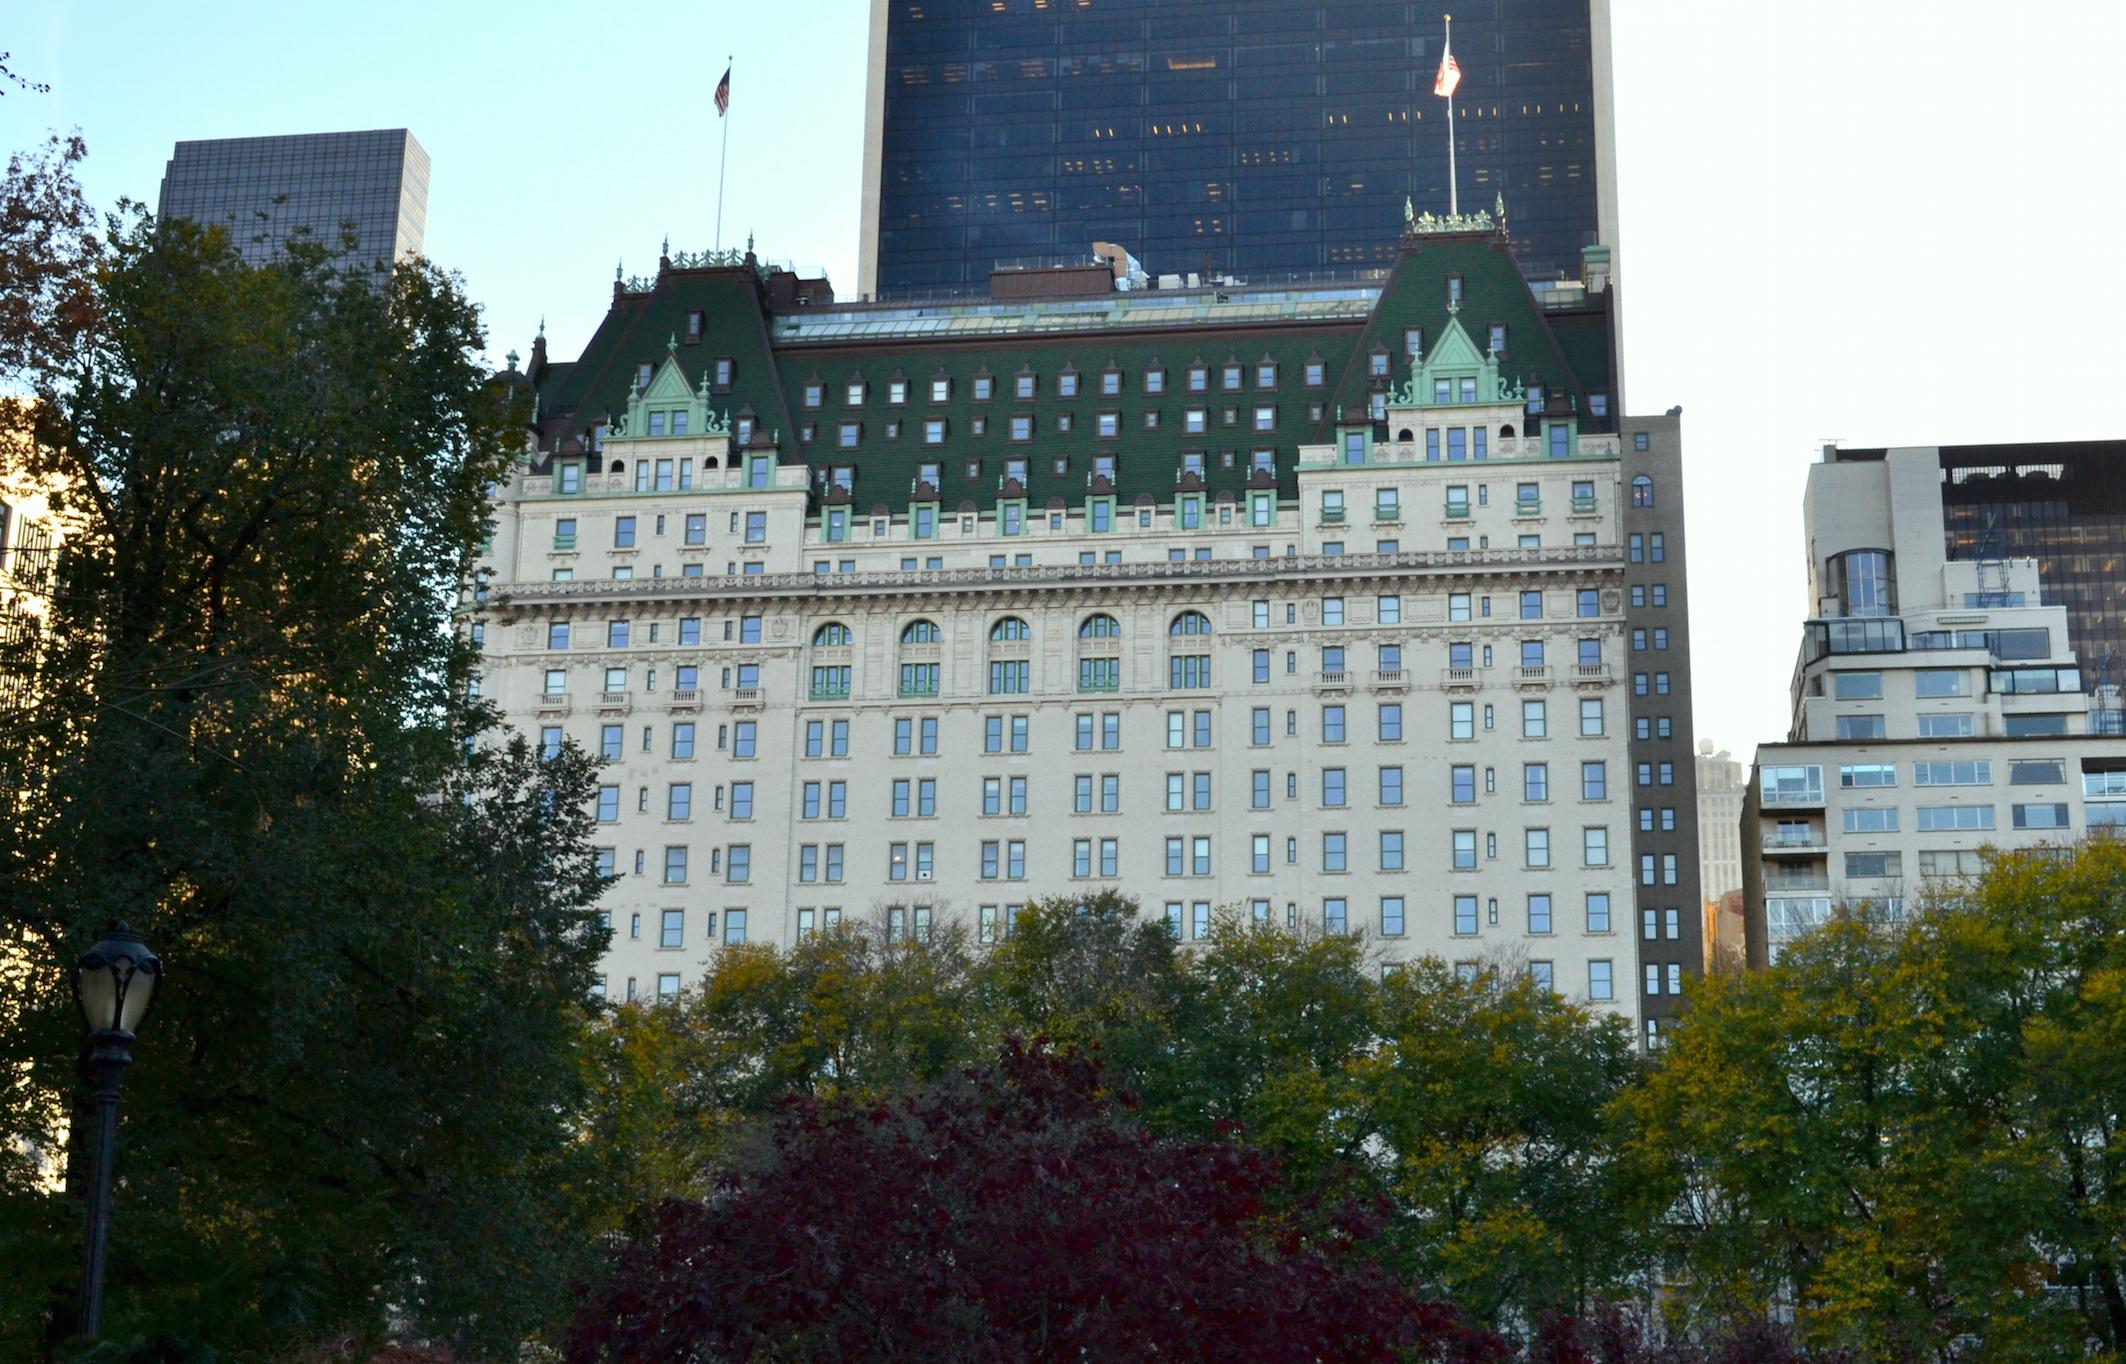 Plaza Hotel New York travel blog